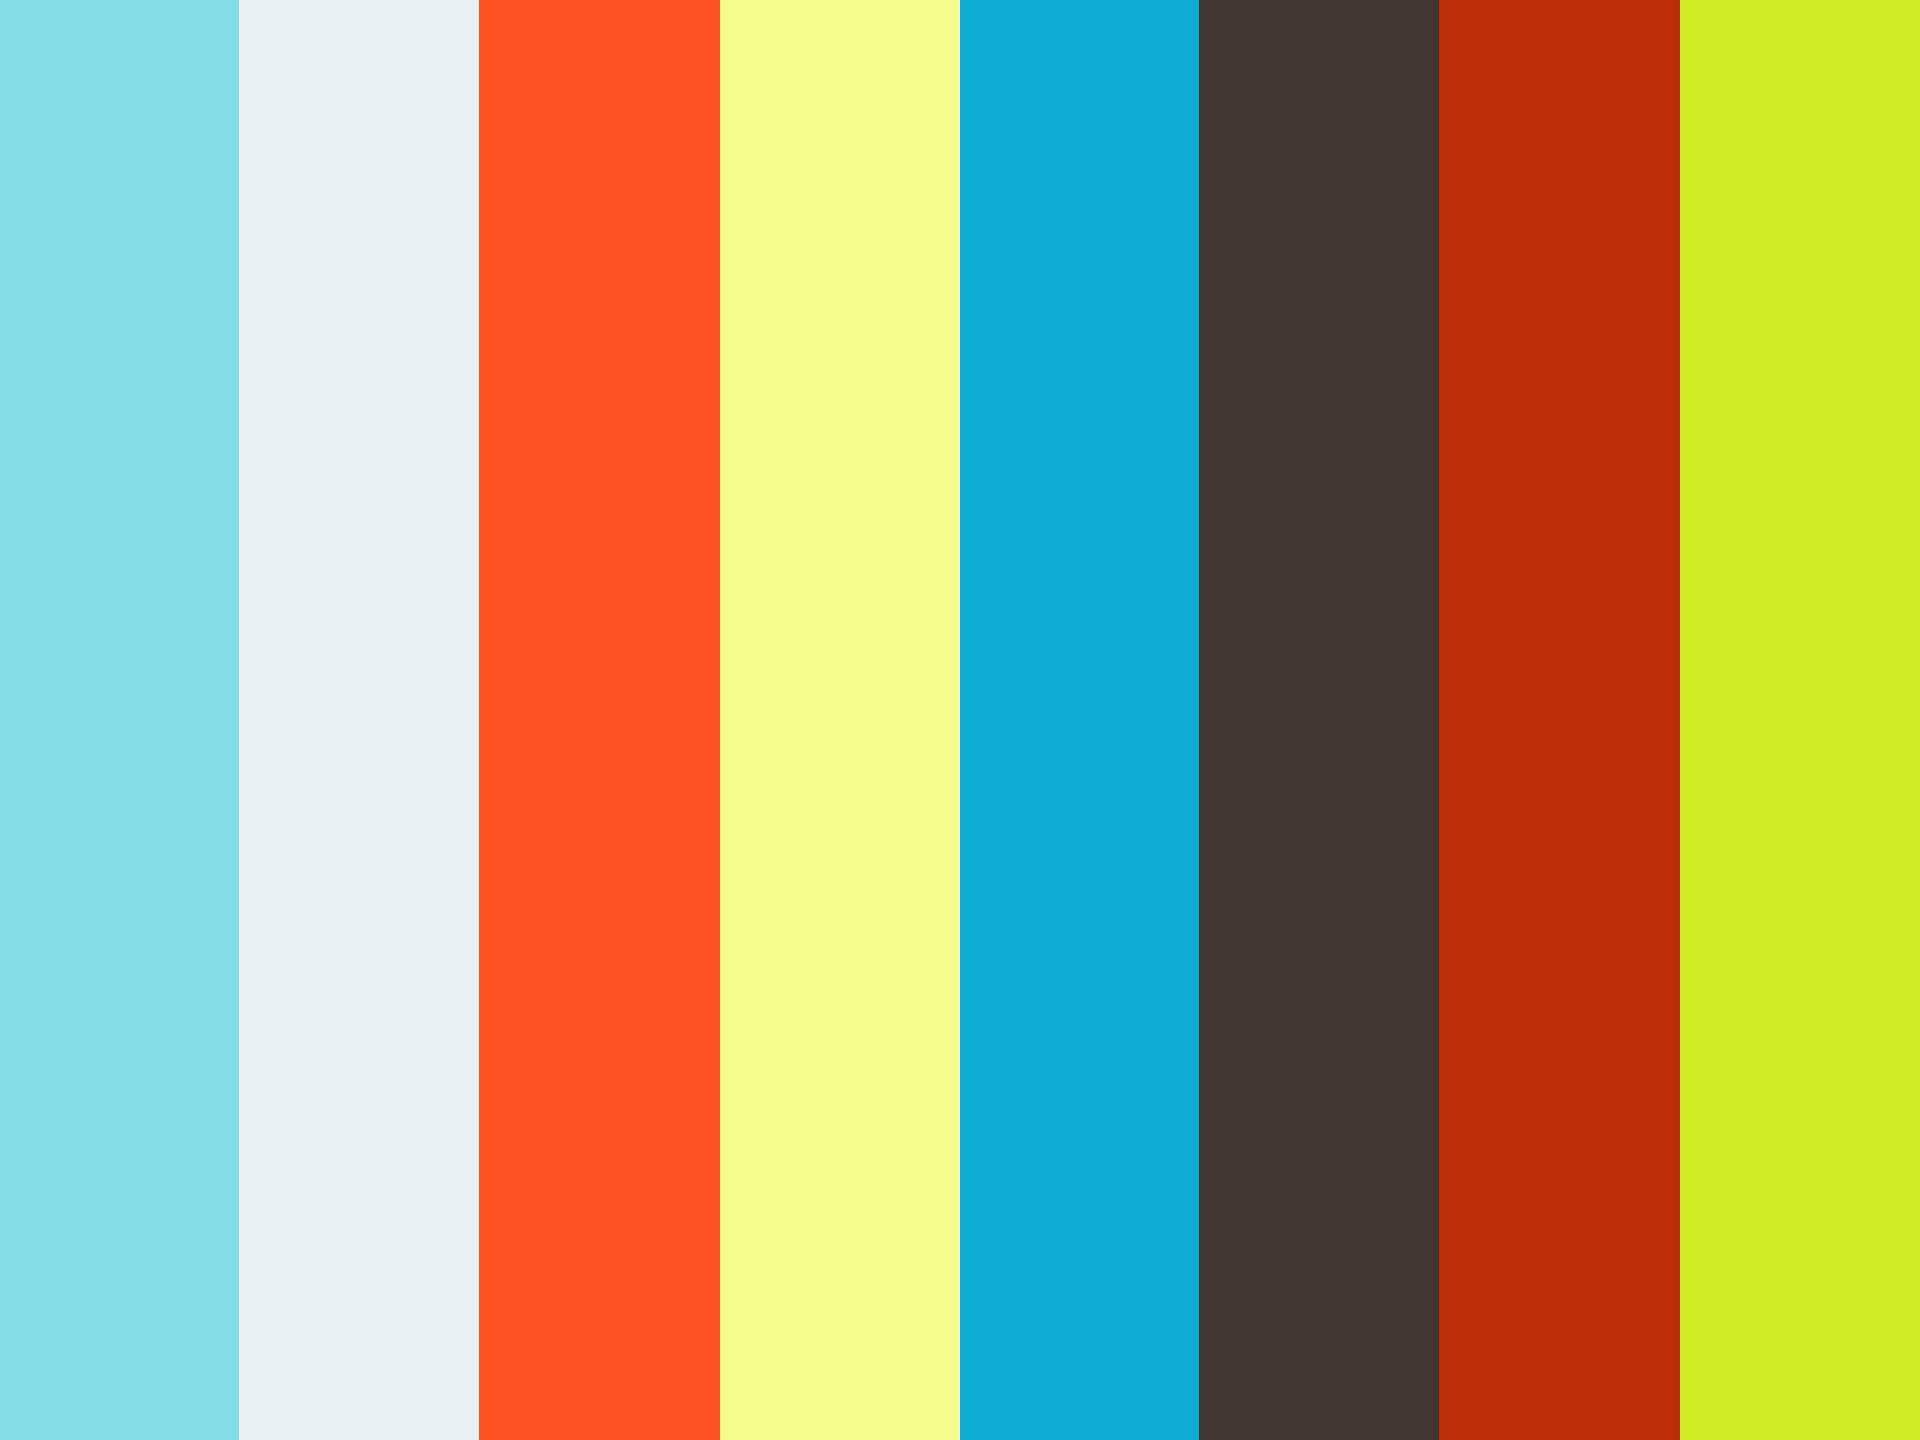 סוויט ספוט של צינורות: טורן מרטין בסגנון חופשי על טוויניס